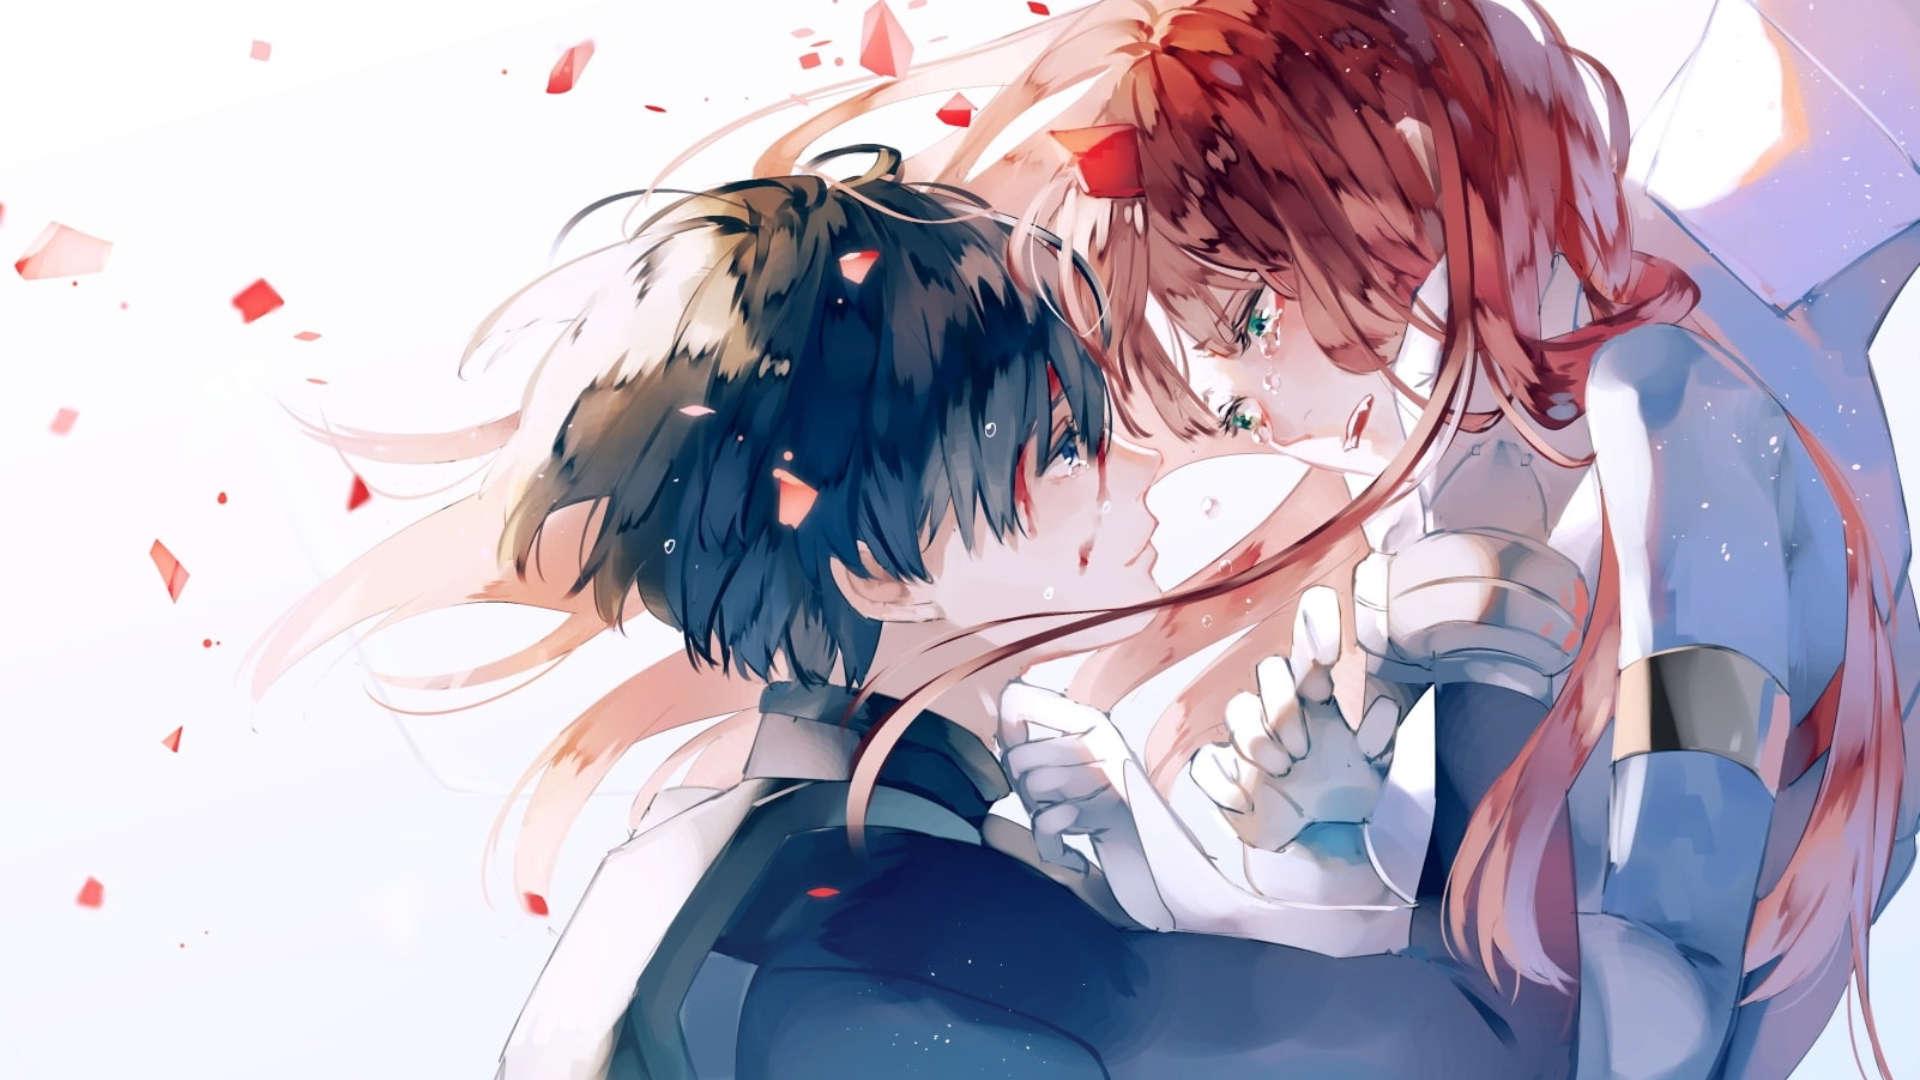 Wallpaper anime romantis pc laptop